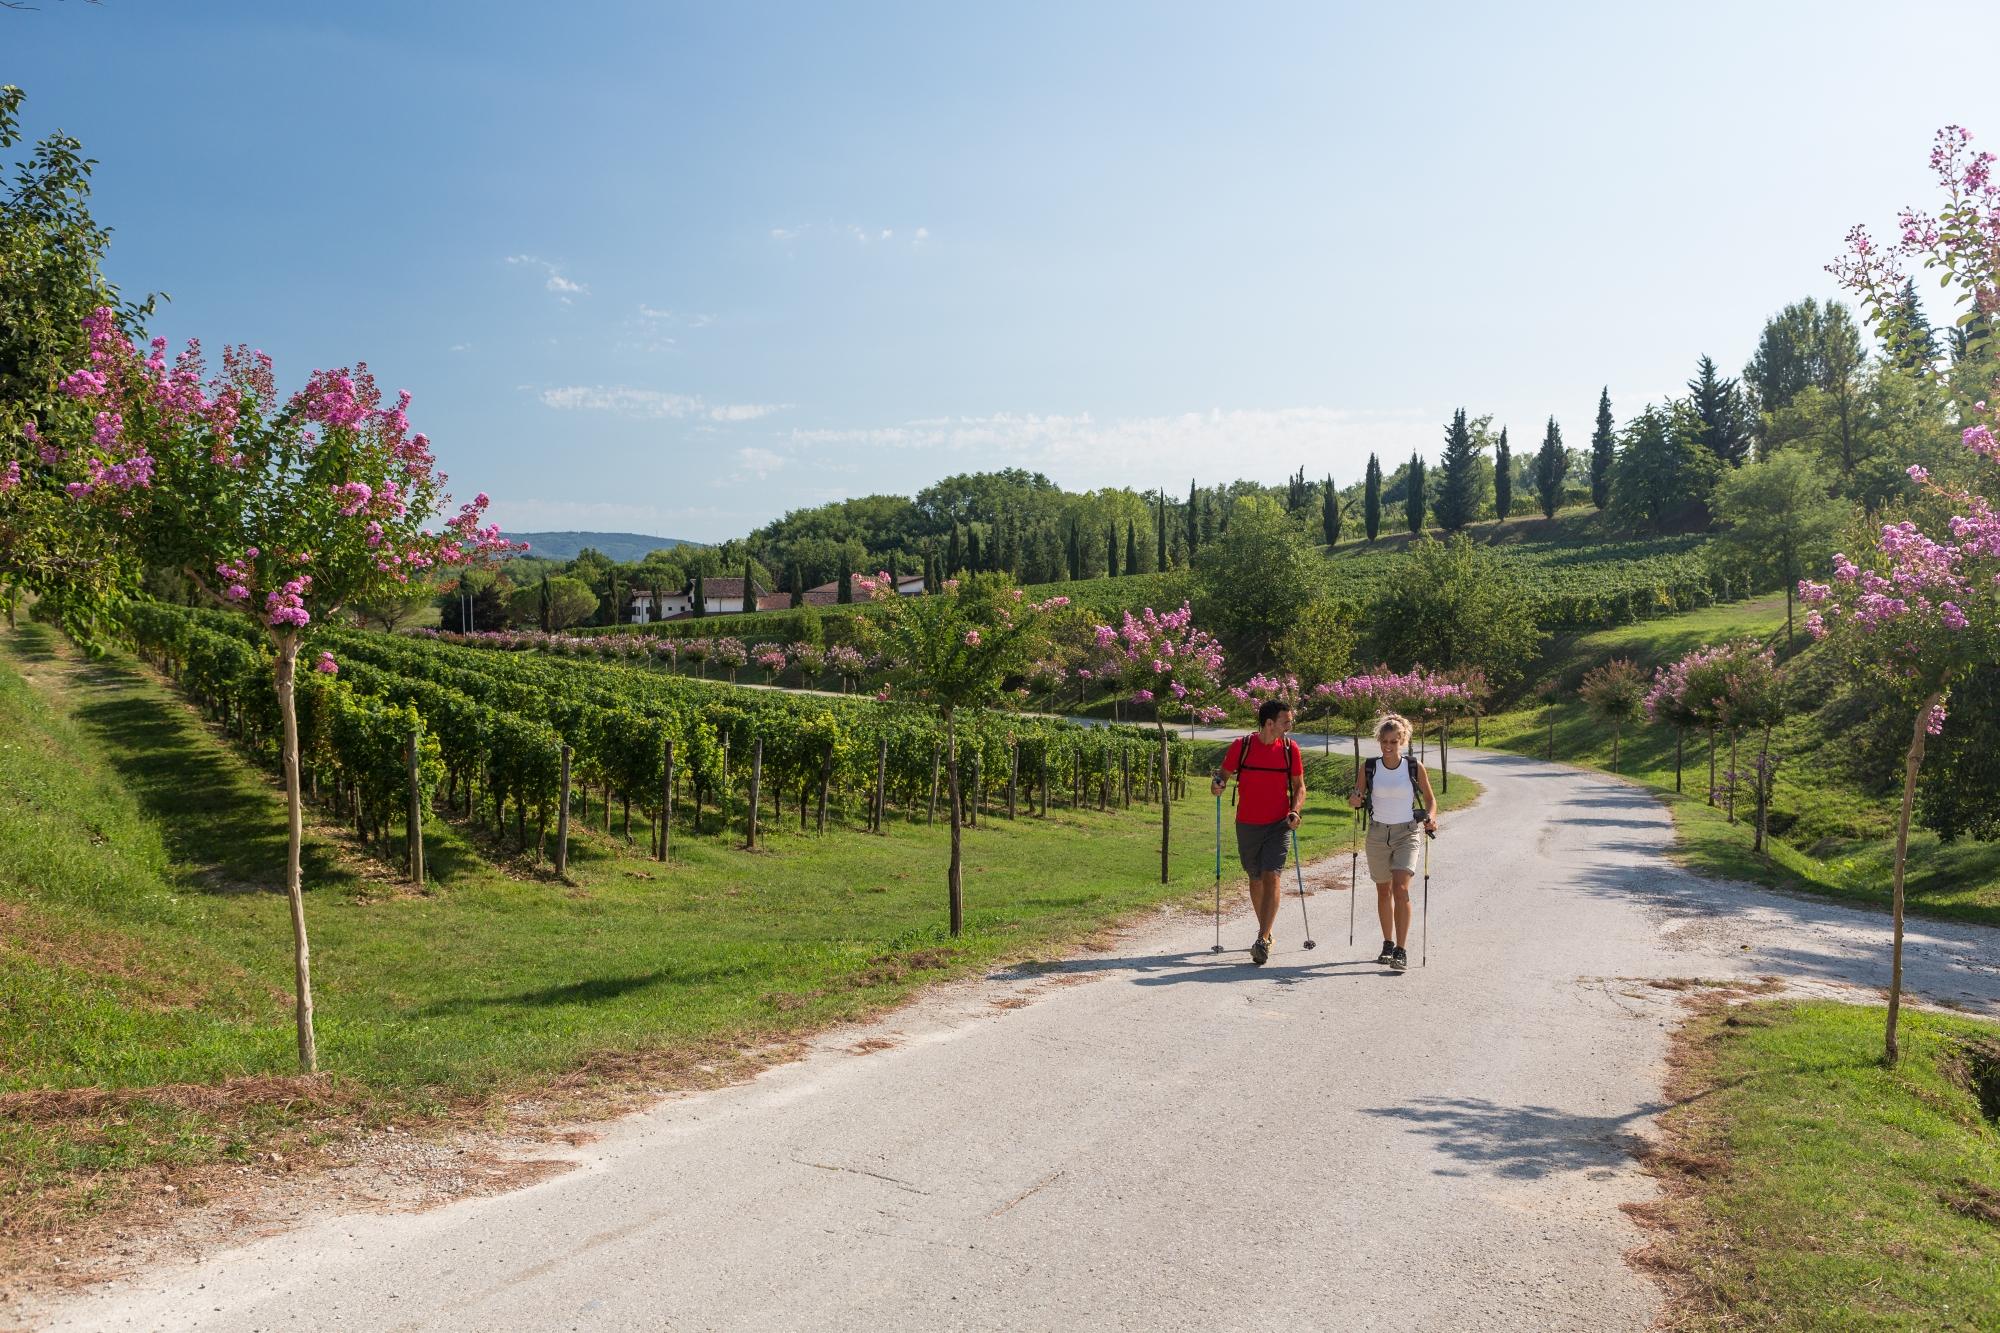 Trekking Alpe Adrai Trail - Tappa attraverso i paesaggi del Collio, in Friuli Venezia Giulia